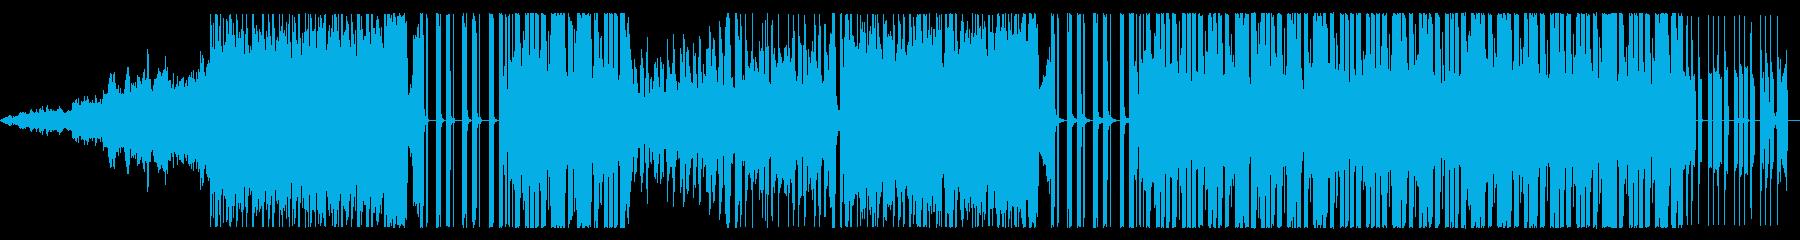 おしゃれなアシッド系FutureBassの再生済みの波形